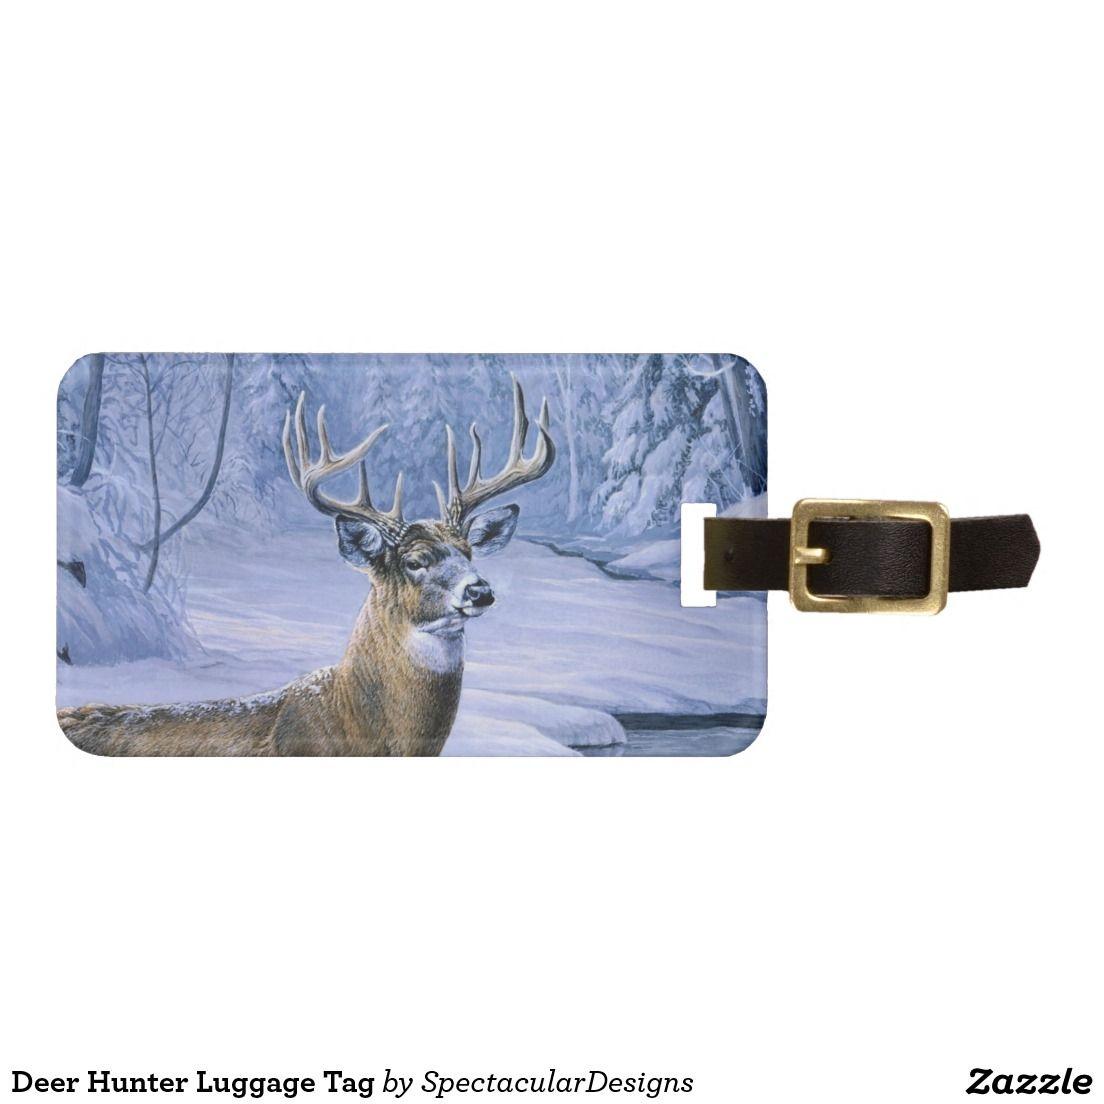 Deer hunter luggage tag luggage tags deer